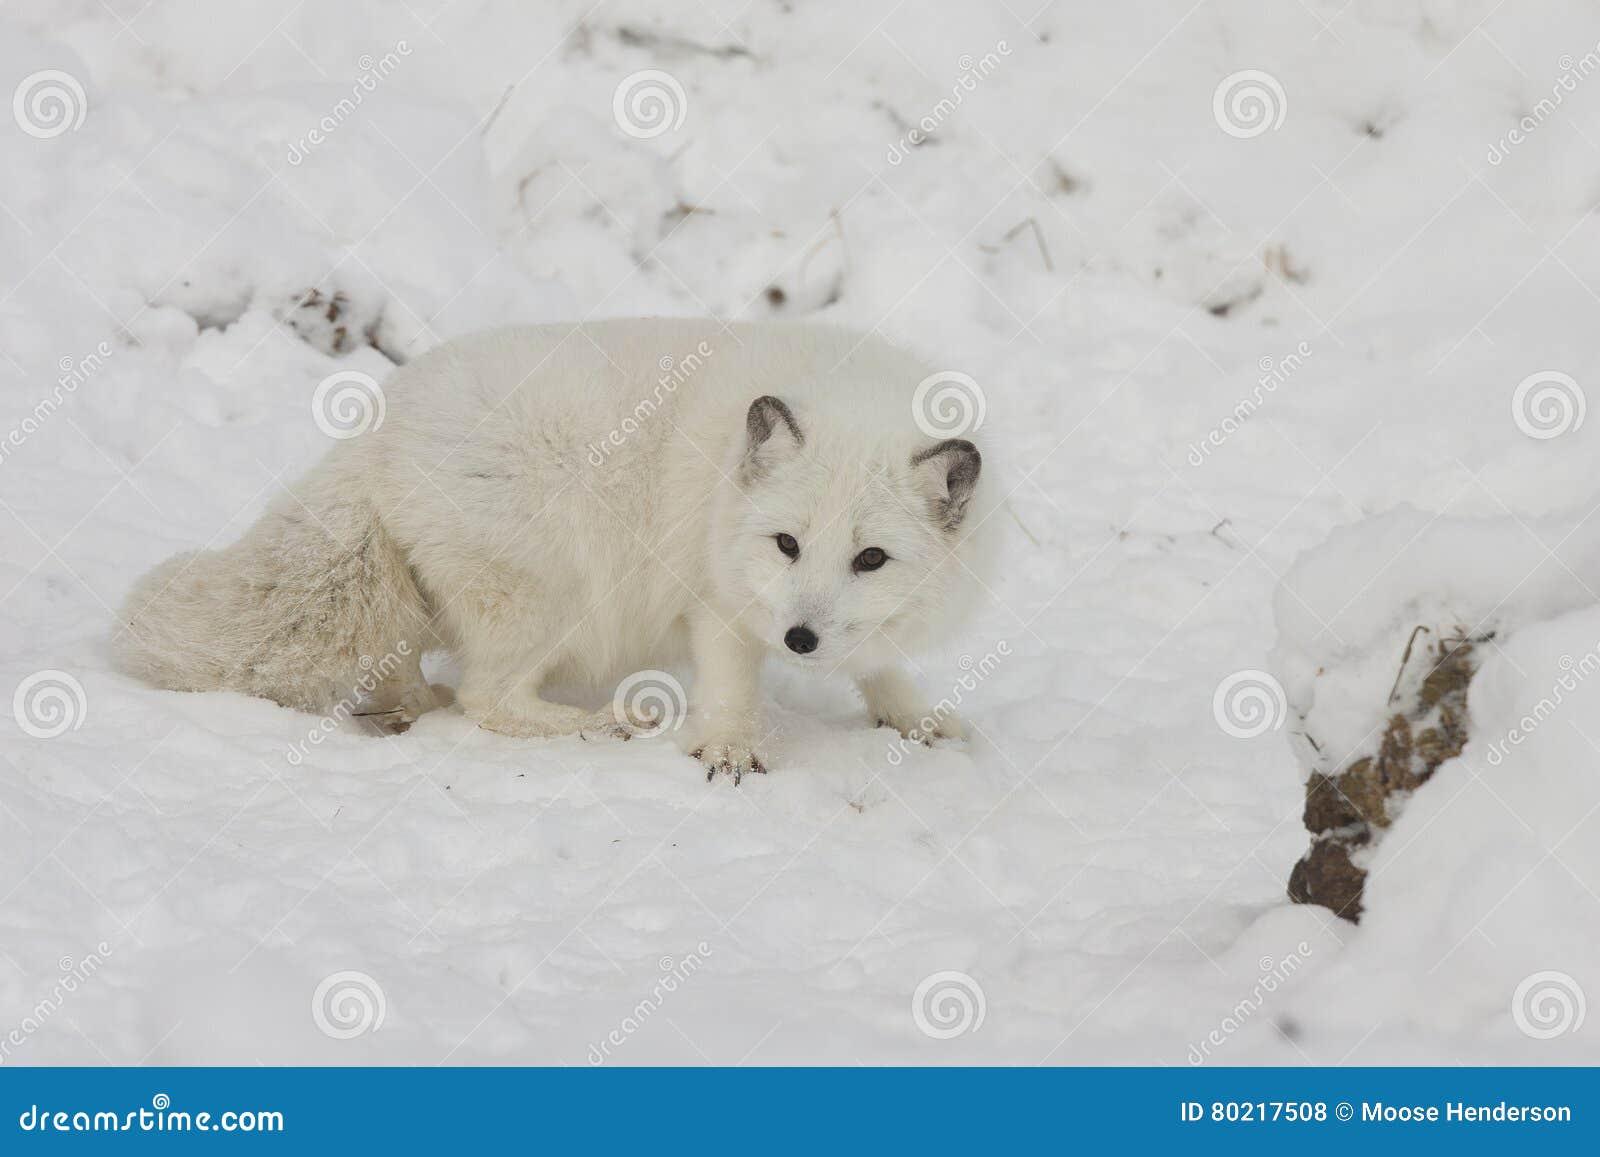 Chasse de renard arctique pour la nourriture sur une colline de neige avec les griffes prolongées i